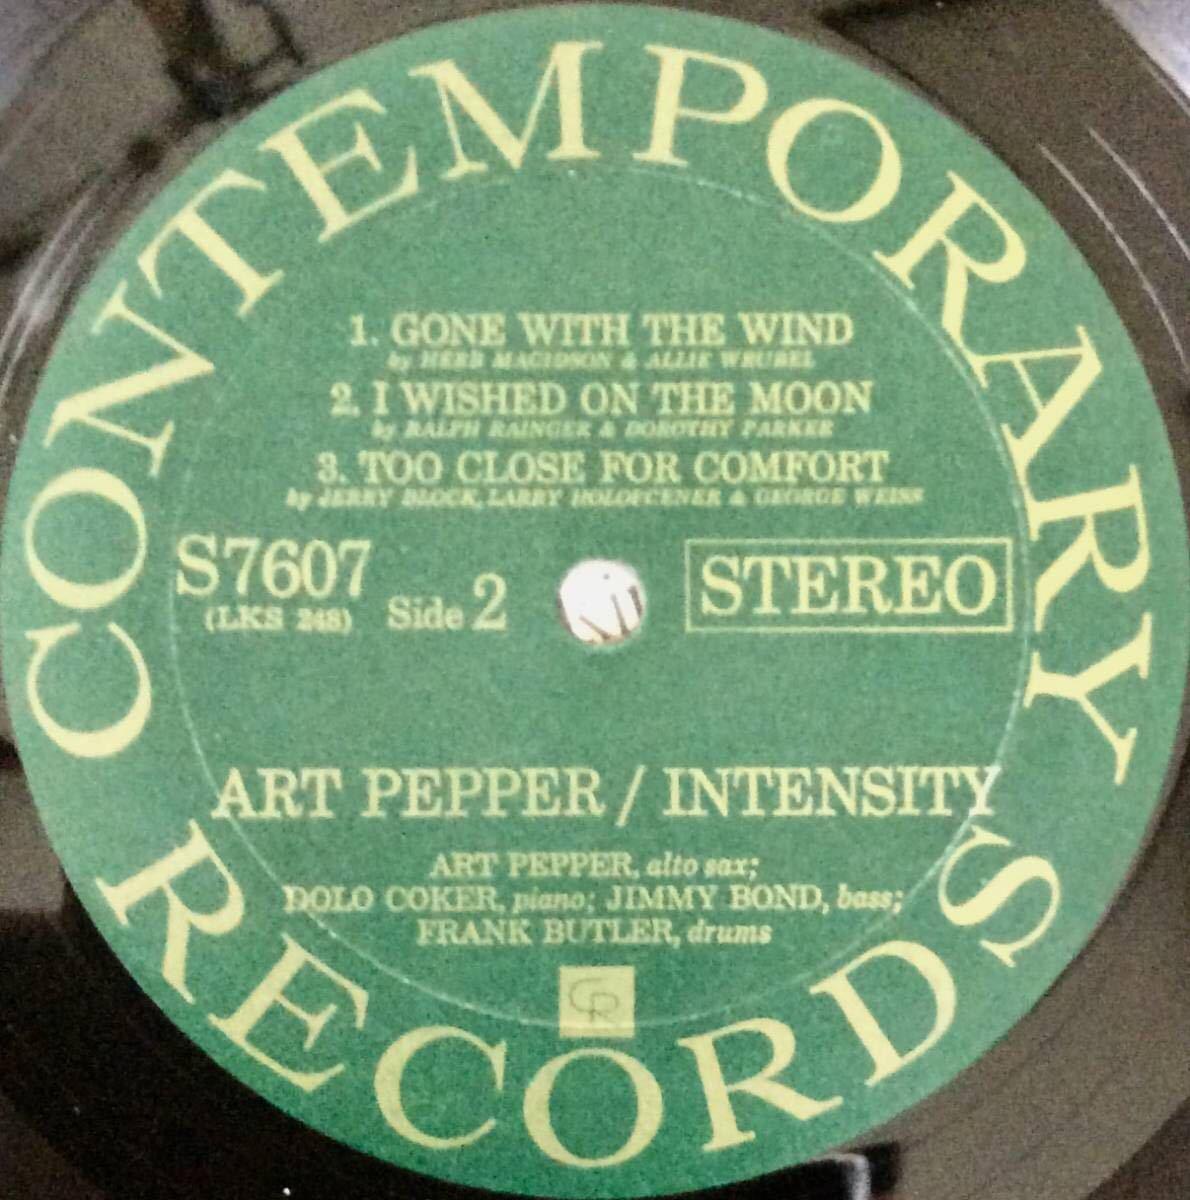 【米CONTEMPORARY】Art Pepper/ Intensity 両面D3 深緑レーベル アート・ペッパー_画像5